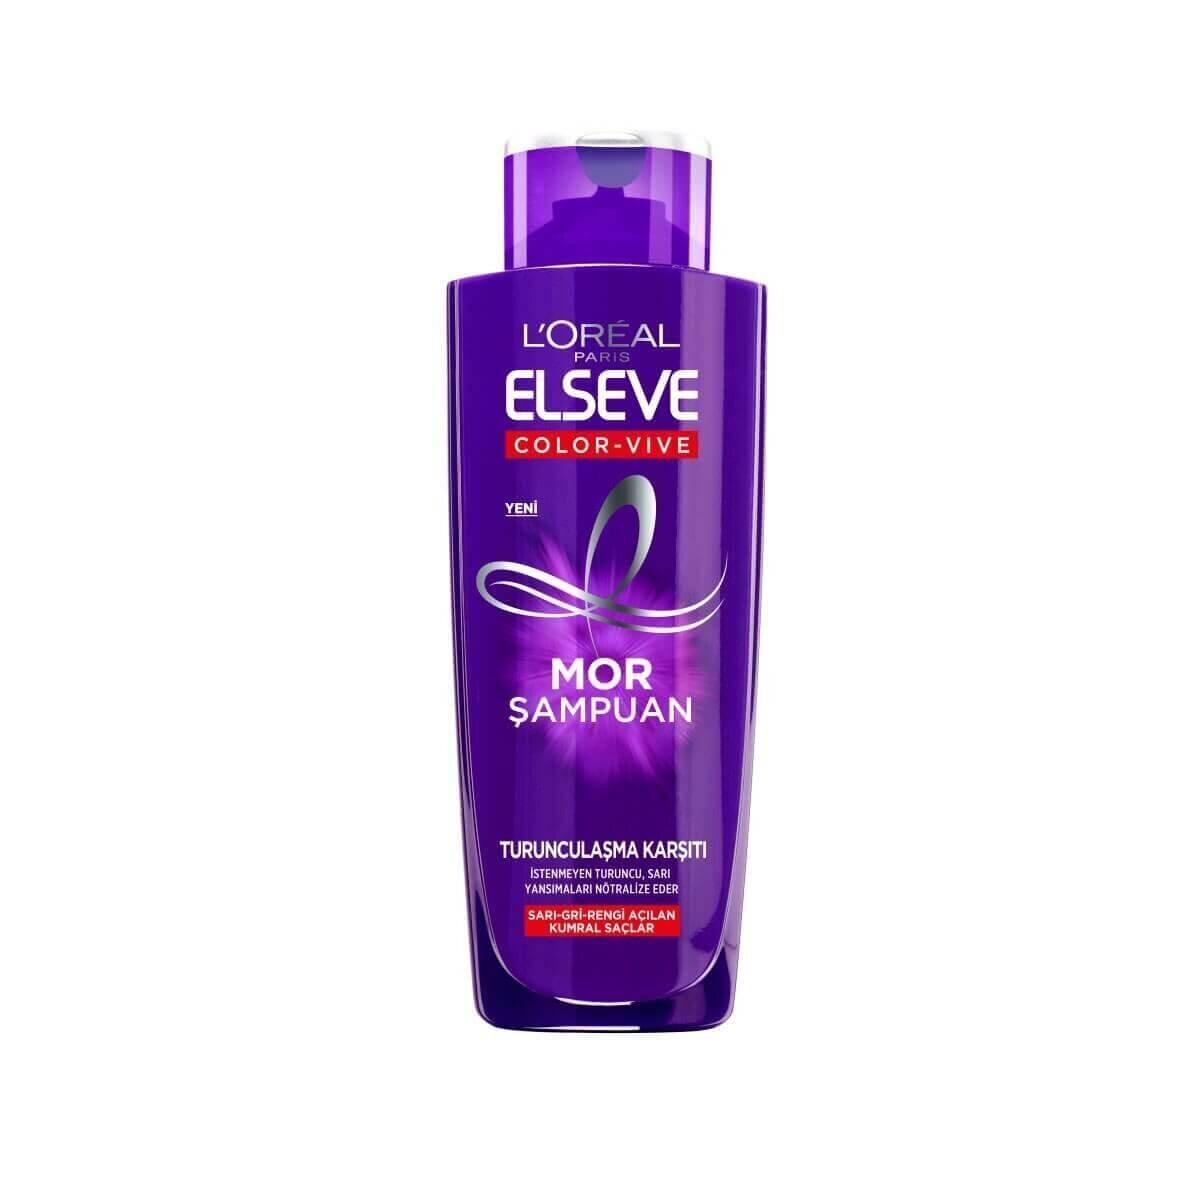 Elseve Turunculaşma Karşıtı Mor Şampuan 200ml